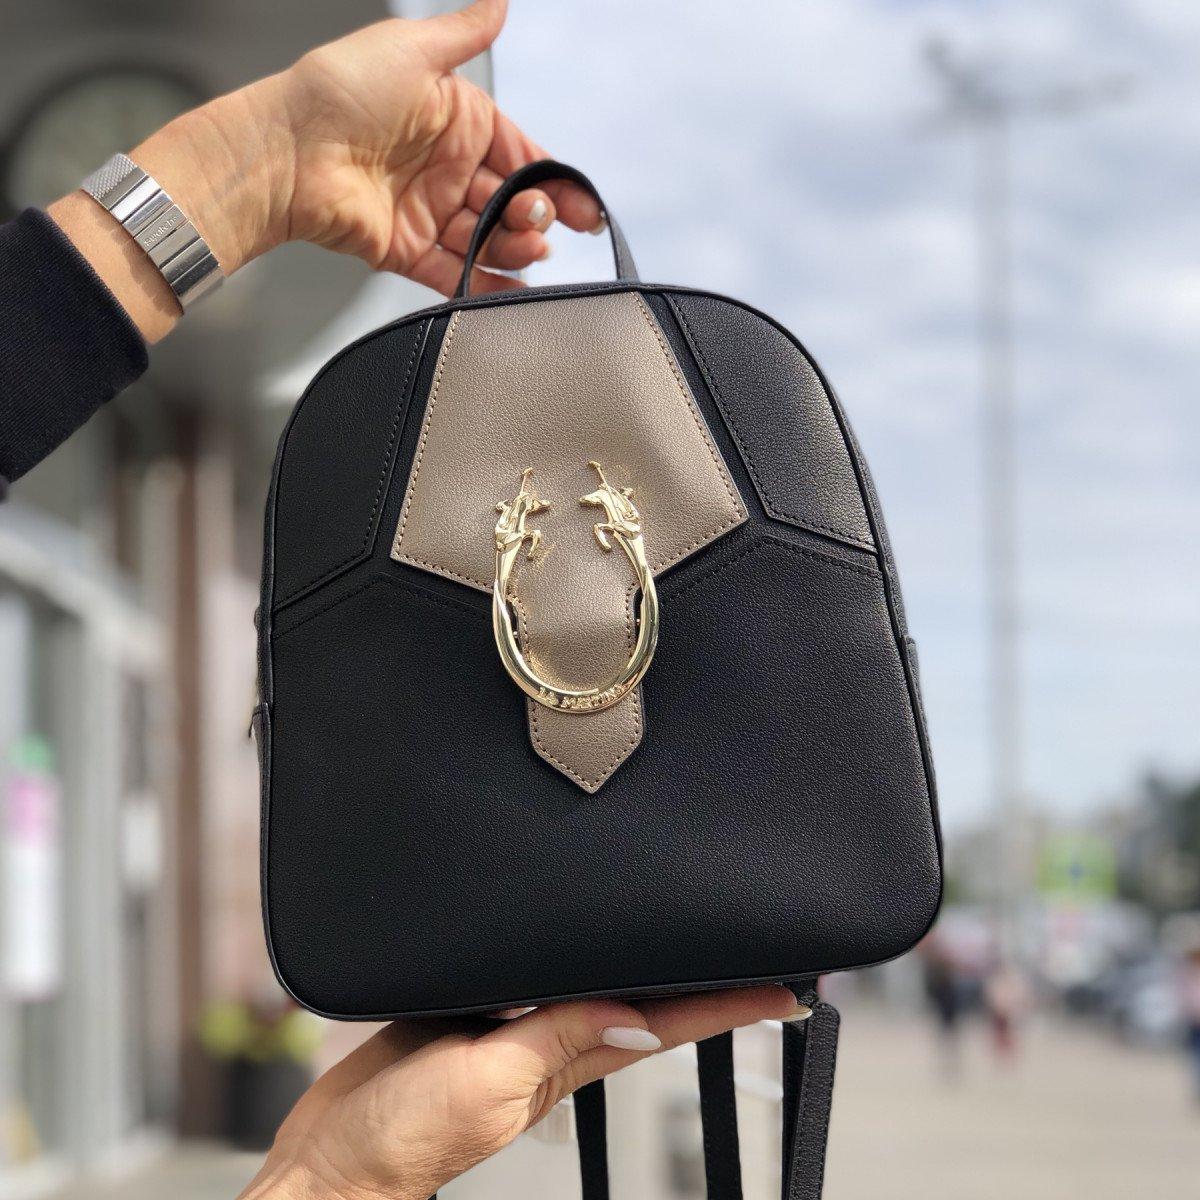 Женская кожаная сумка La Martina 41W361 O0032 black из натуральной кожи